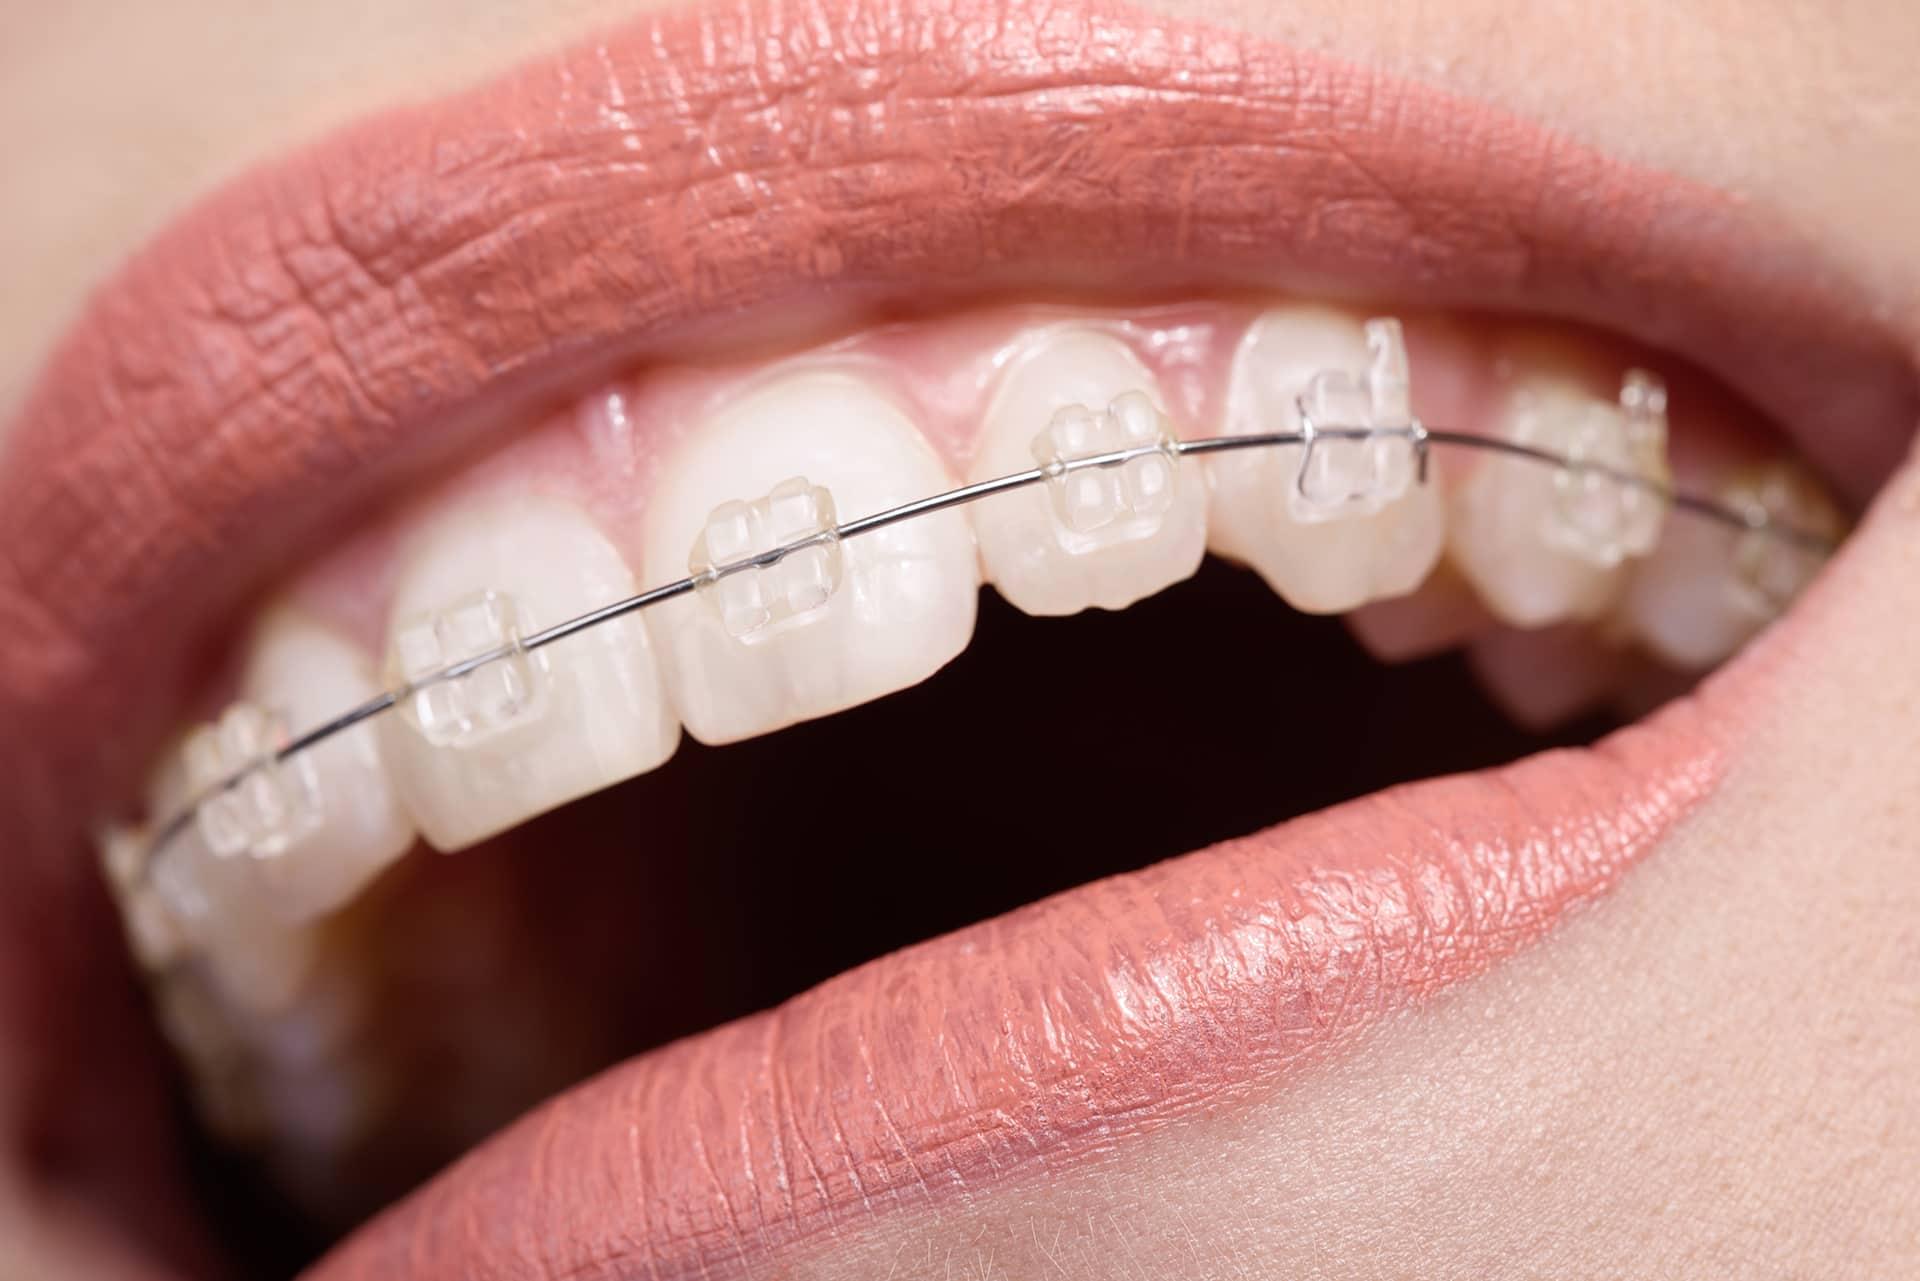 Los backets son una gran opción en los tratamientos de alineamiento de dientes tanto en niños como en adultos